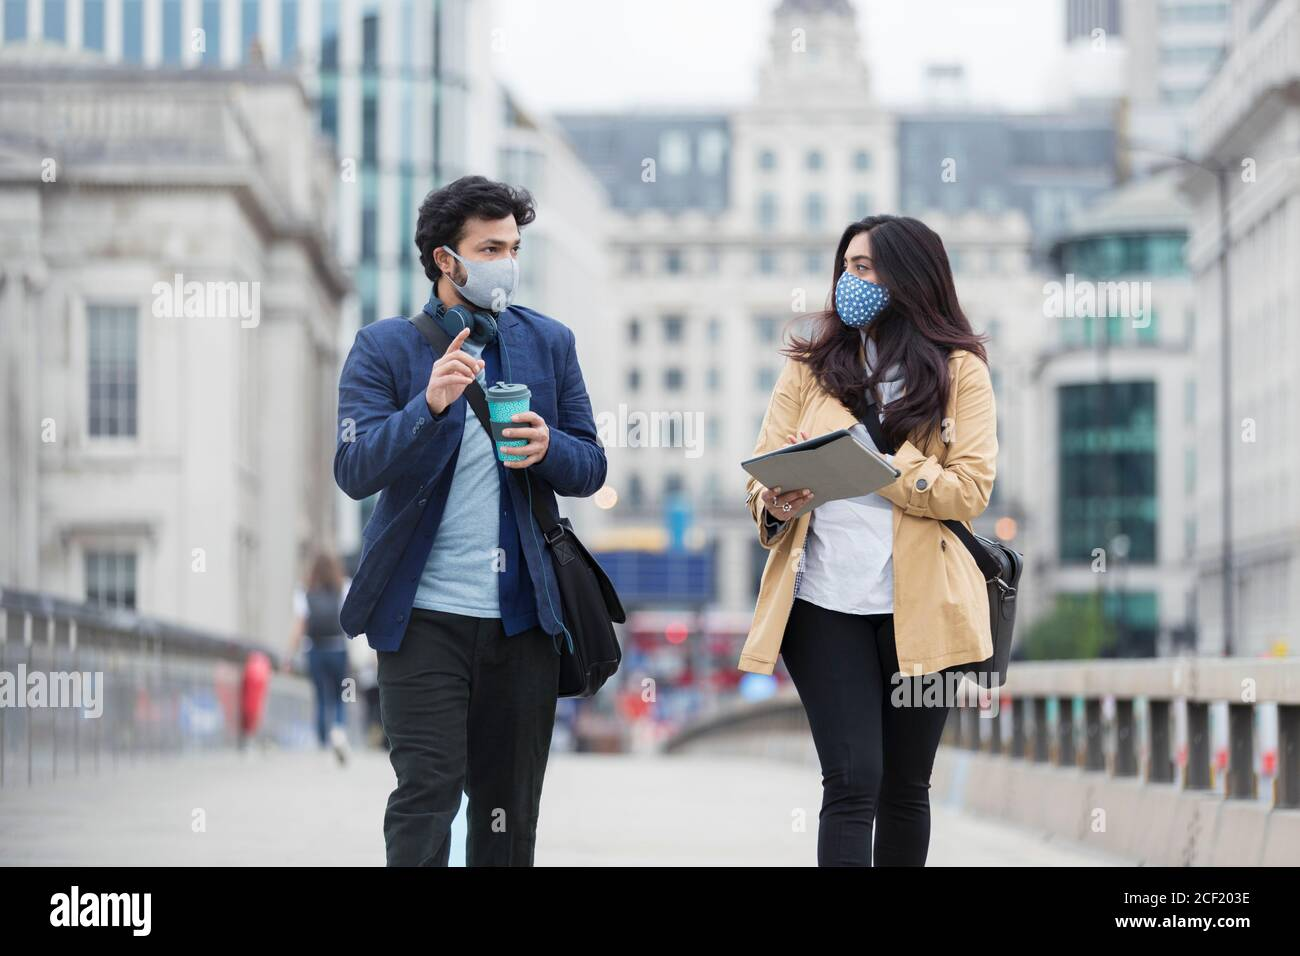 Geschäftsleute in Gesichtsmasken sprechen auf städtischen Fußgängerbrücke Stockfoto